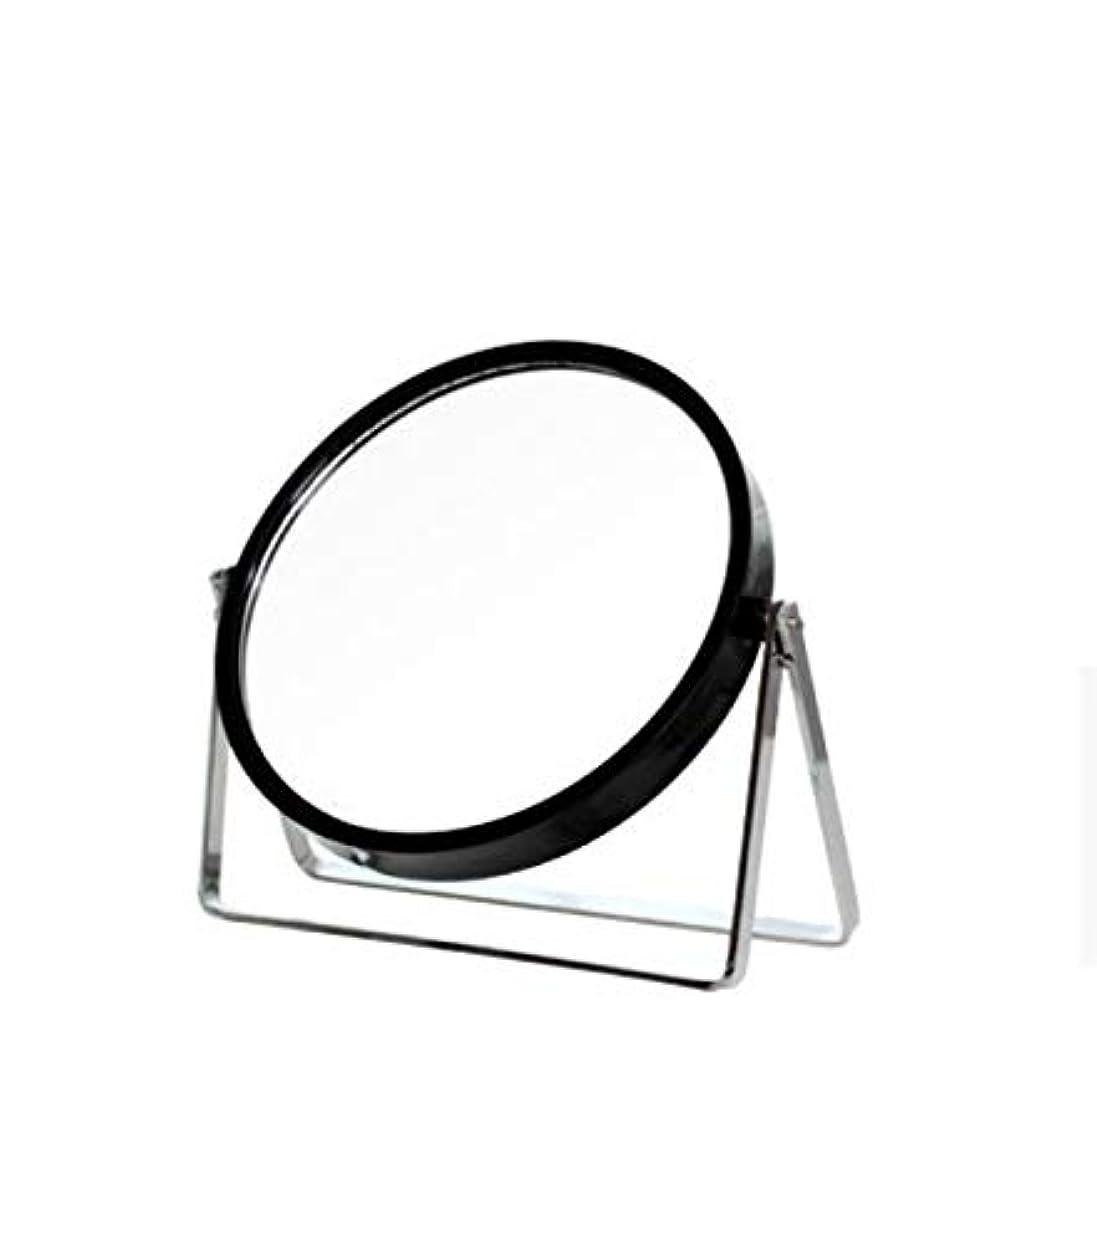 聞く令状私達化粧鏡、シンプルなラウンドホーム寮デスクトップ化粧鏡化粧ギフト (Color : ブラック)